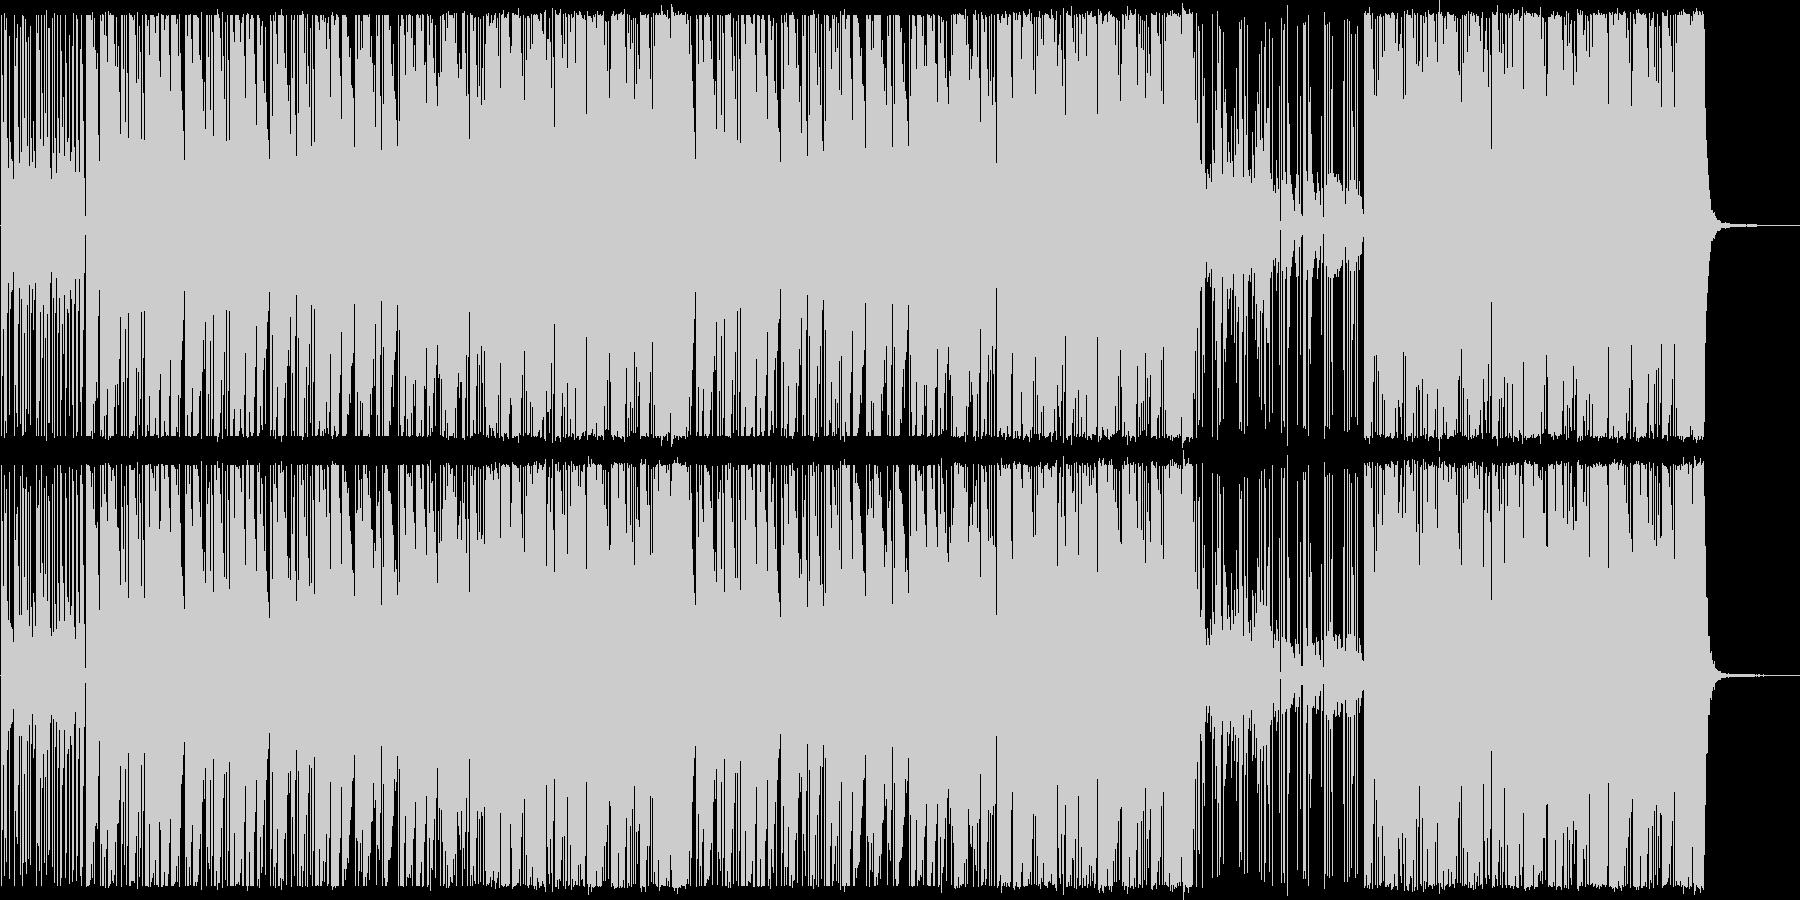 ピアノ系/ダーク/ヒップホップビーツ#1の未再生の波形